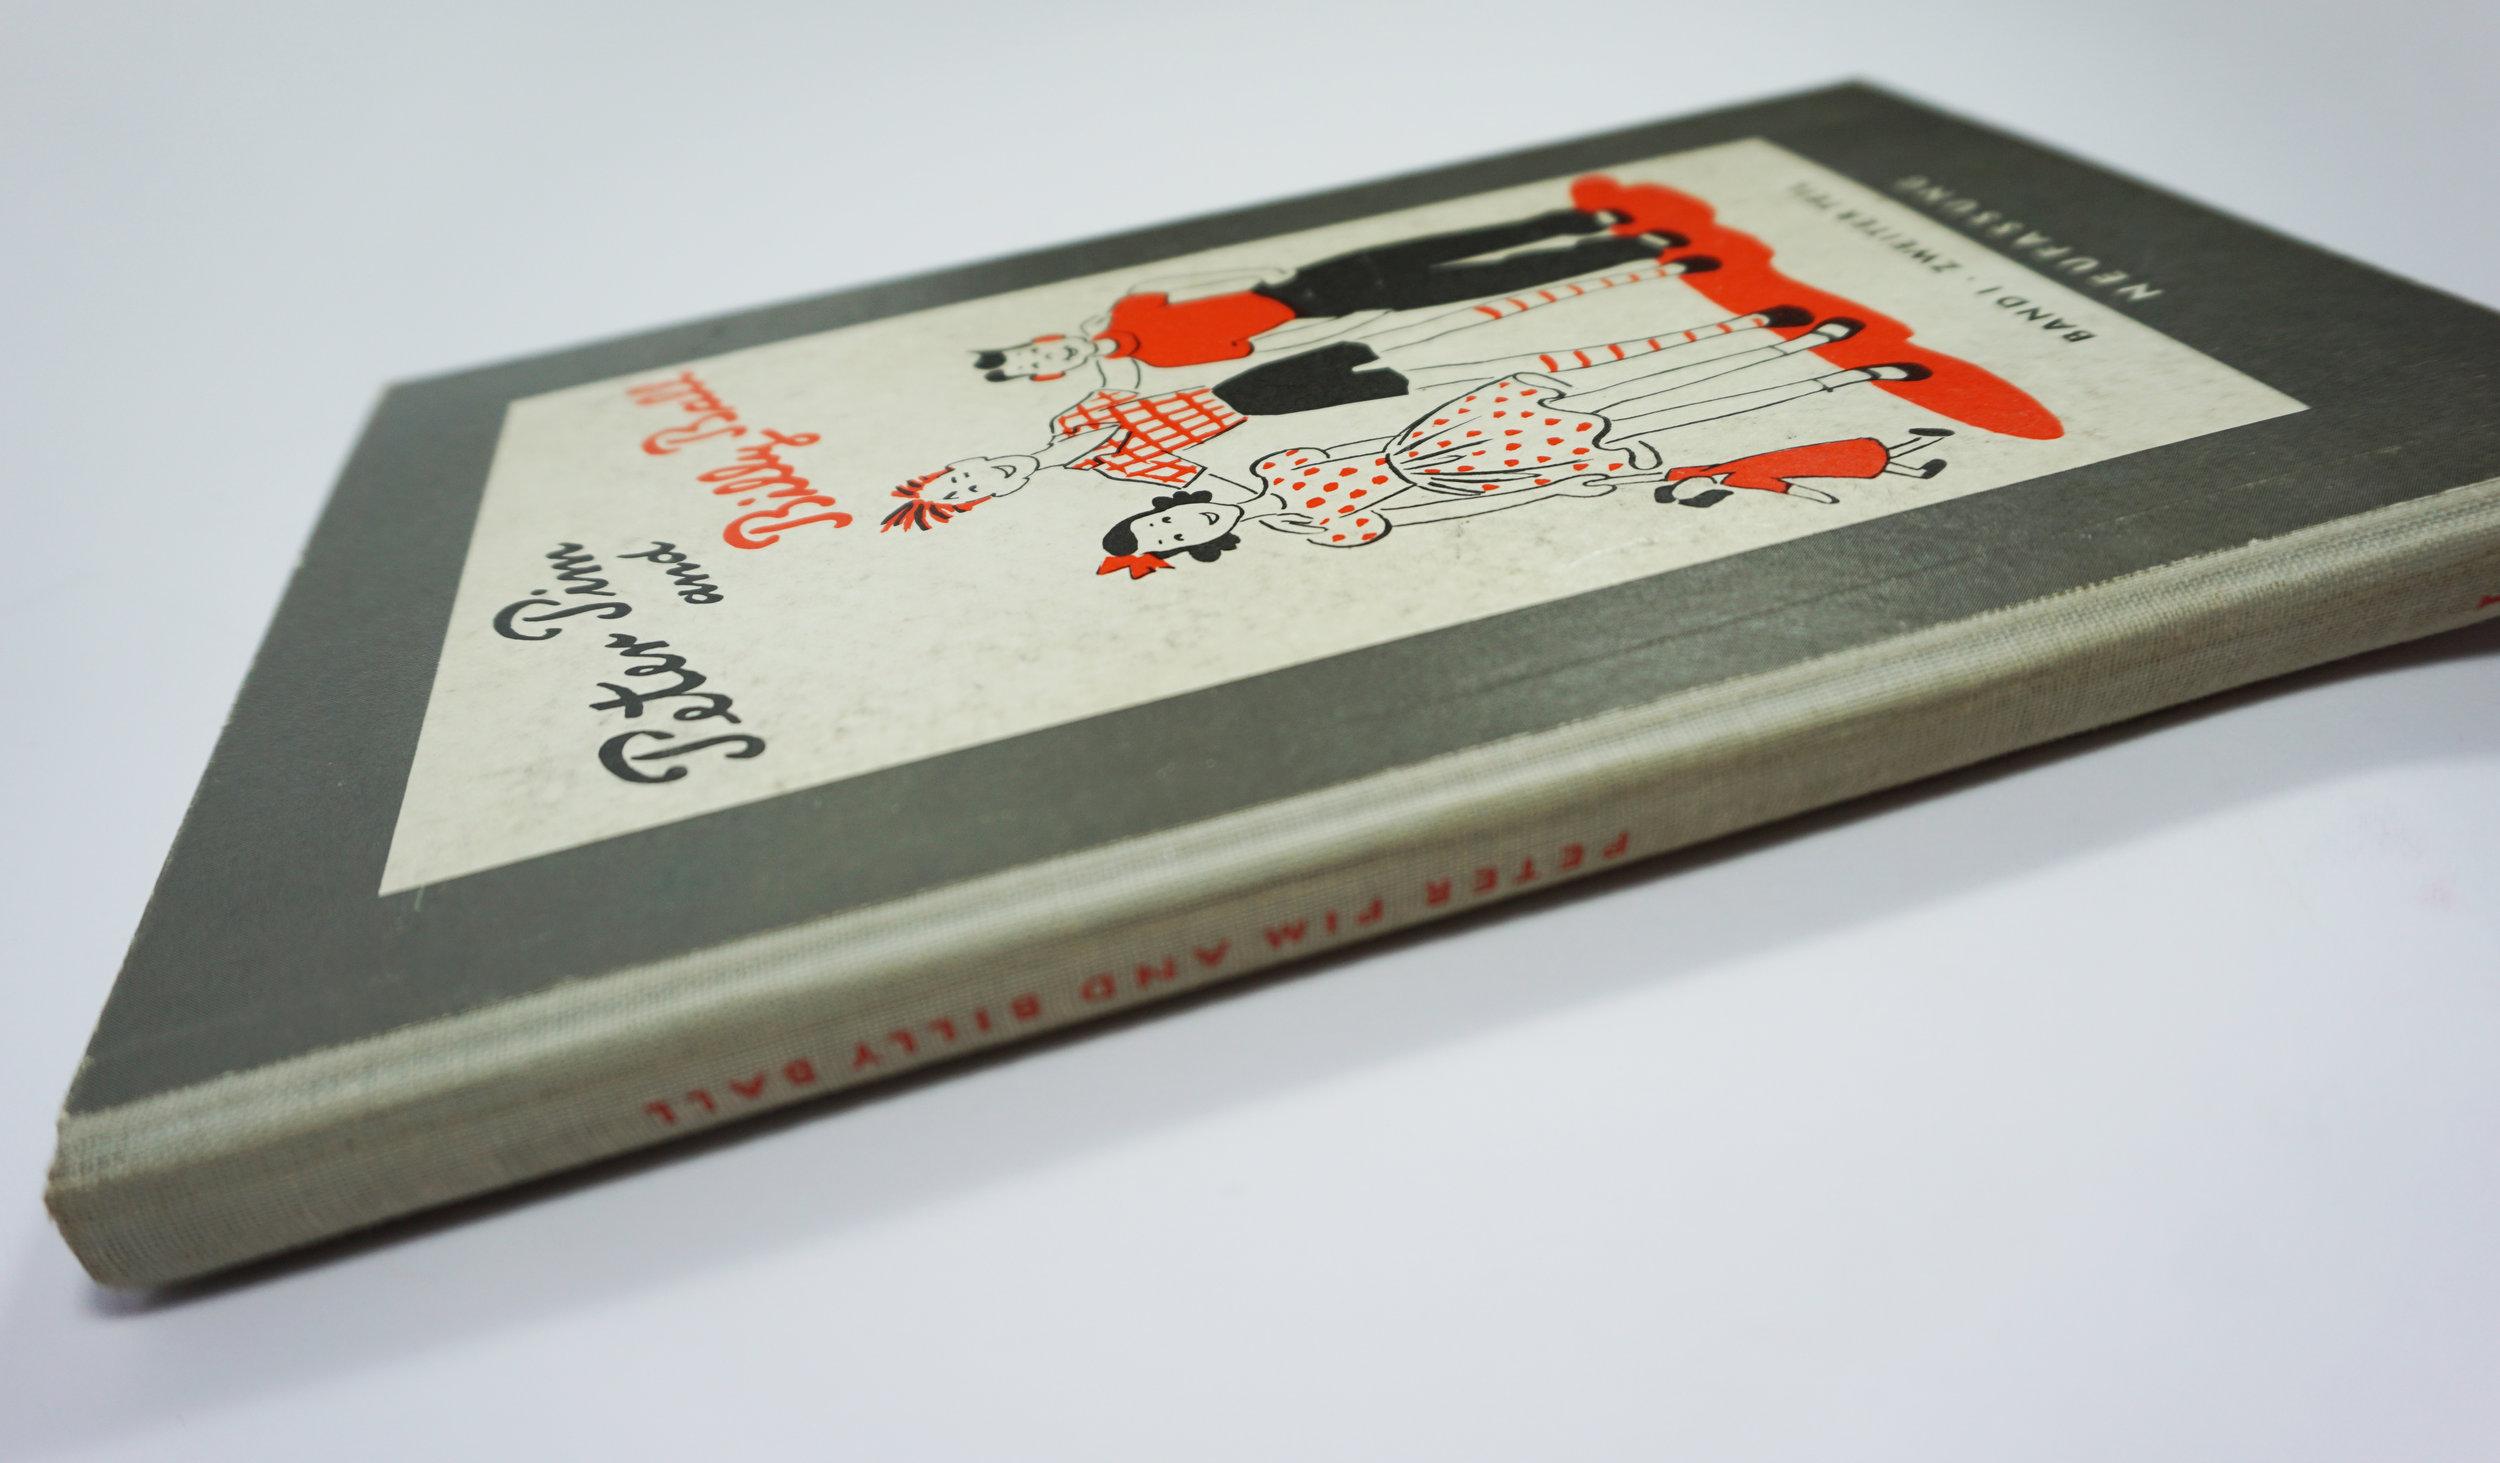 vintage-journal-Peter-Pim_6.JPG